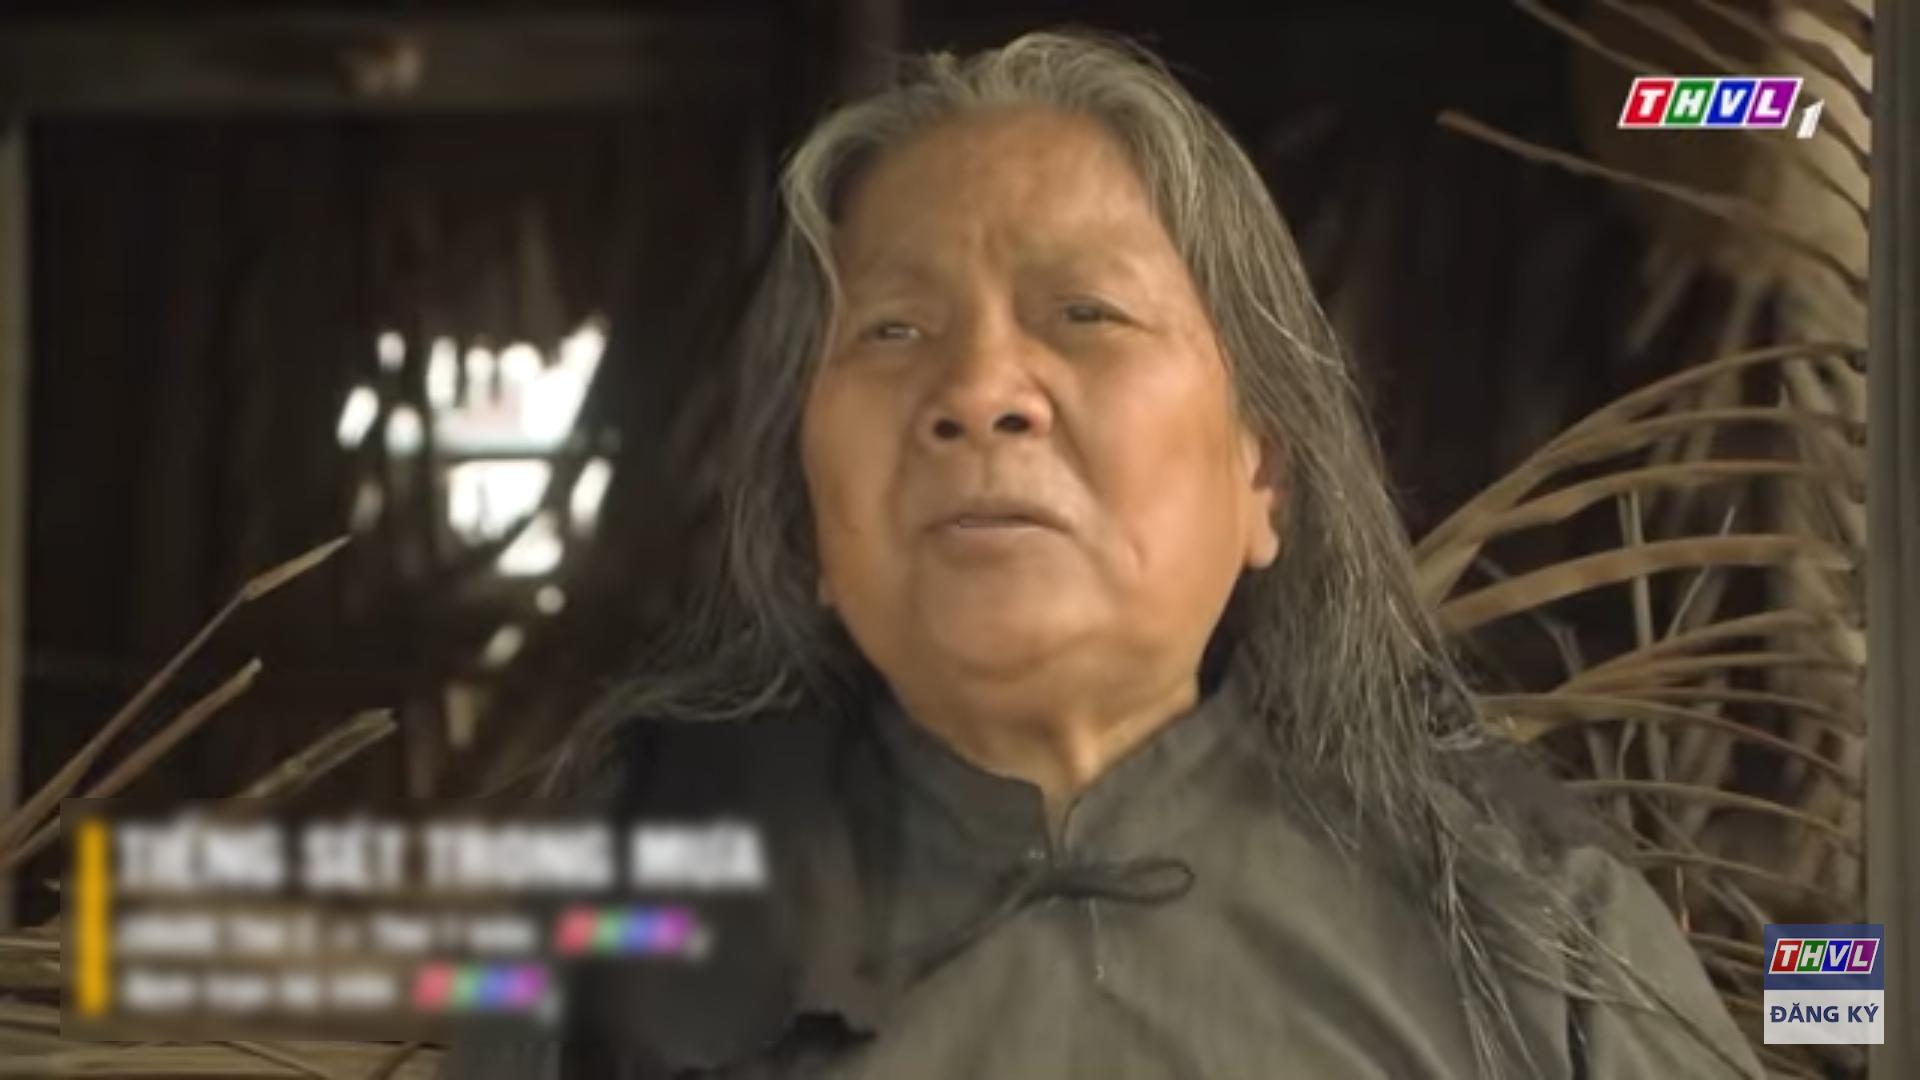 'Tiếng sét trong mưa' trailer tập 42: Hai Sáng lại 'tạo nghiệp' mới, sát hại chồng bà Lẫm vì bị dằn mặt? 12